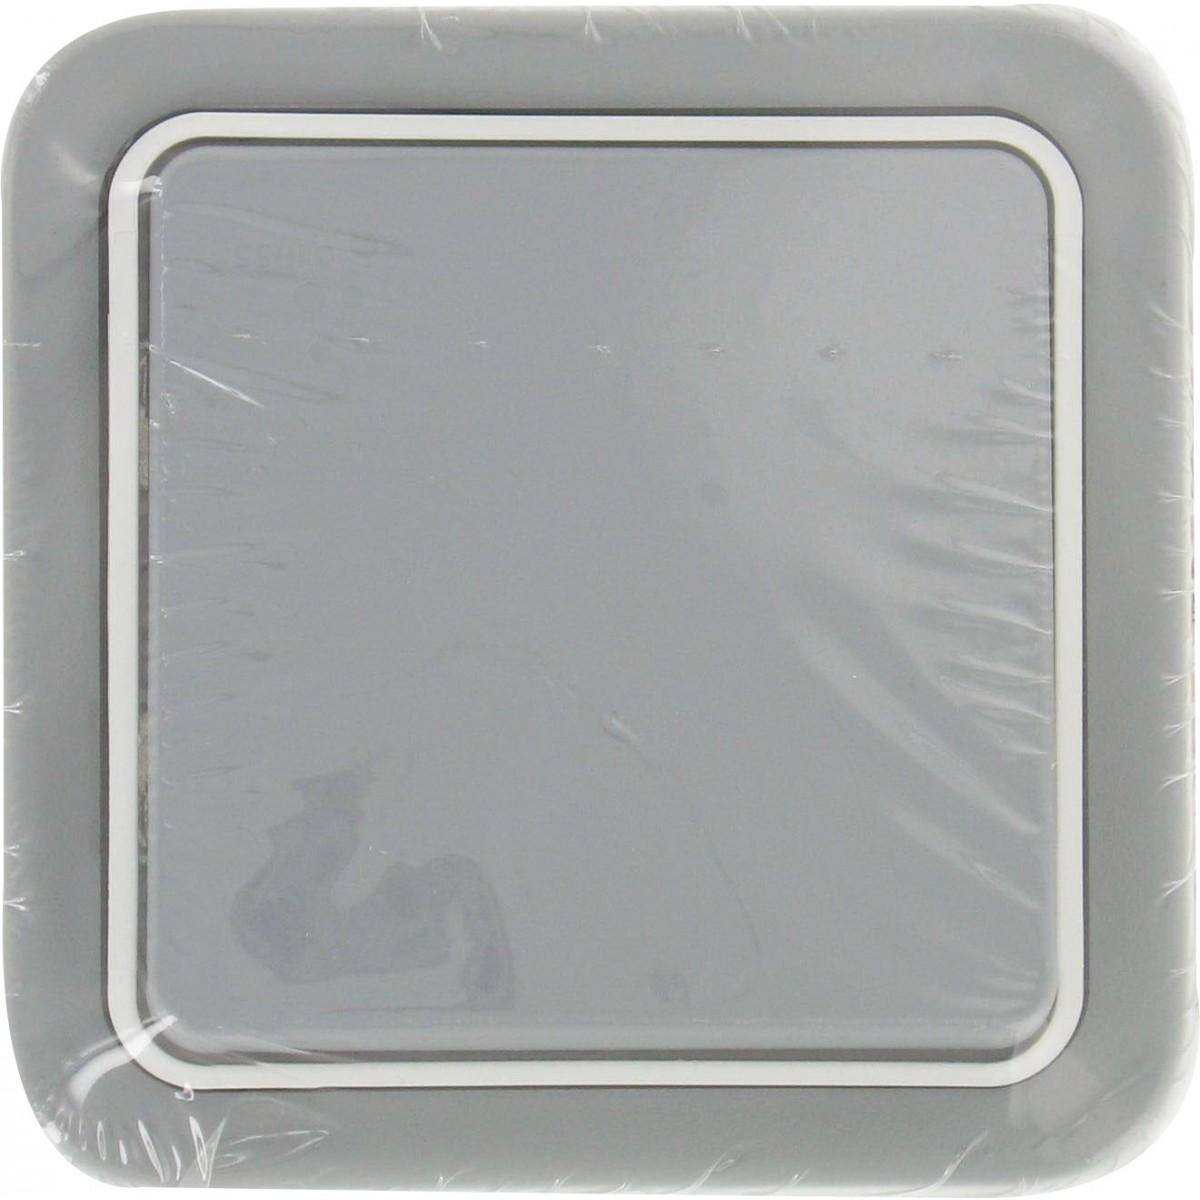 Poussoir en saillie Legrand - Plexo - Gris - Simple